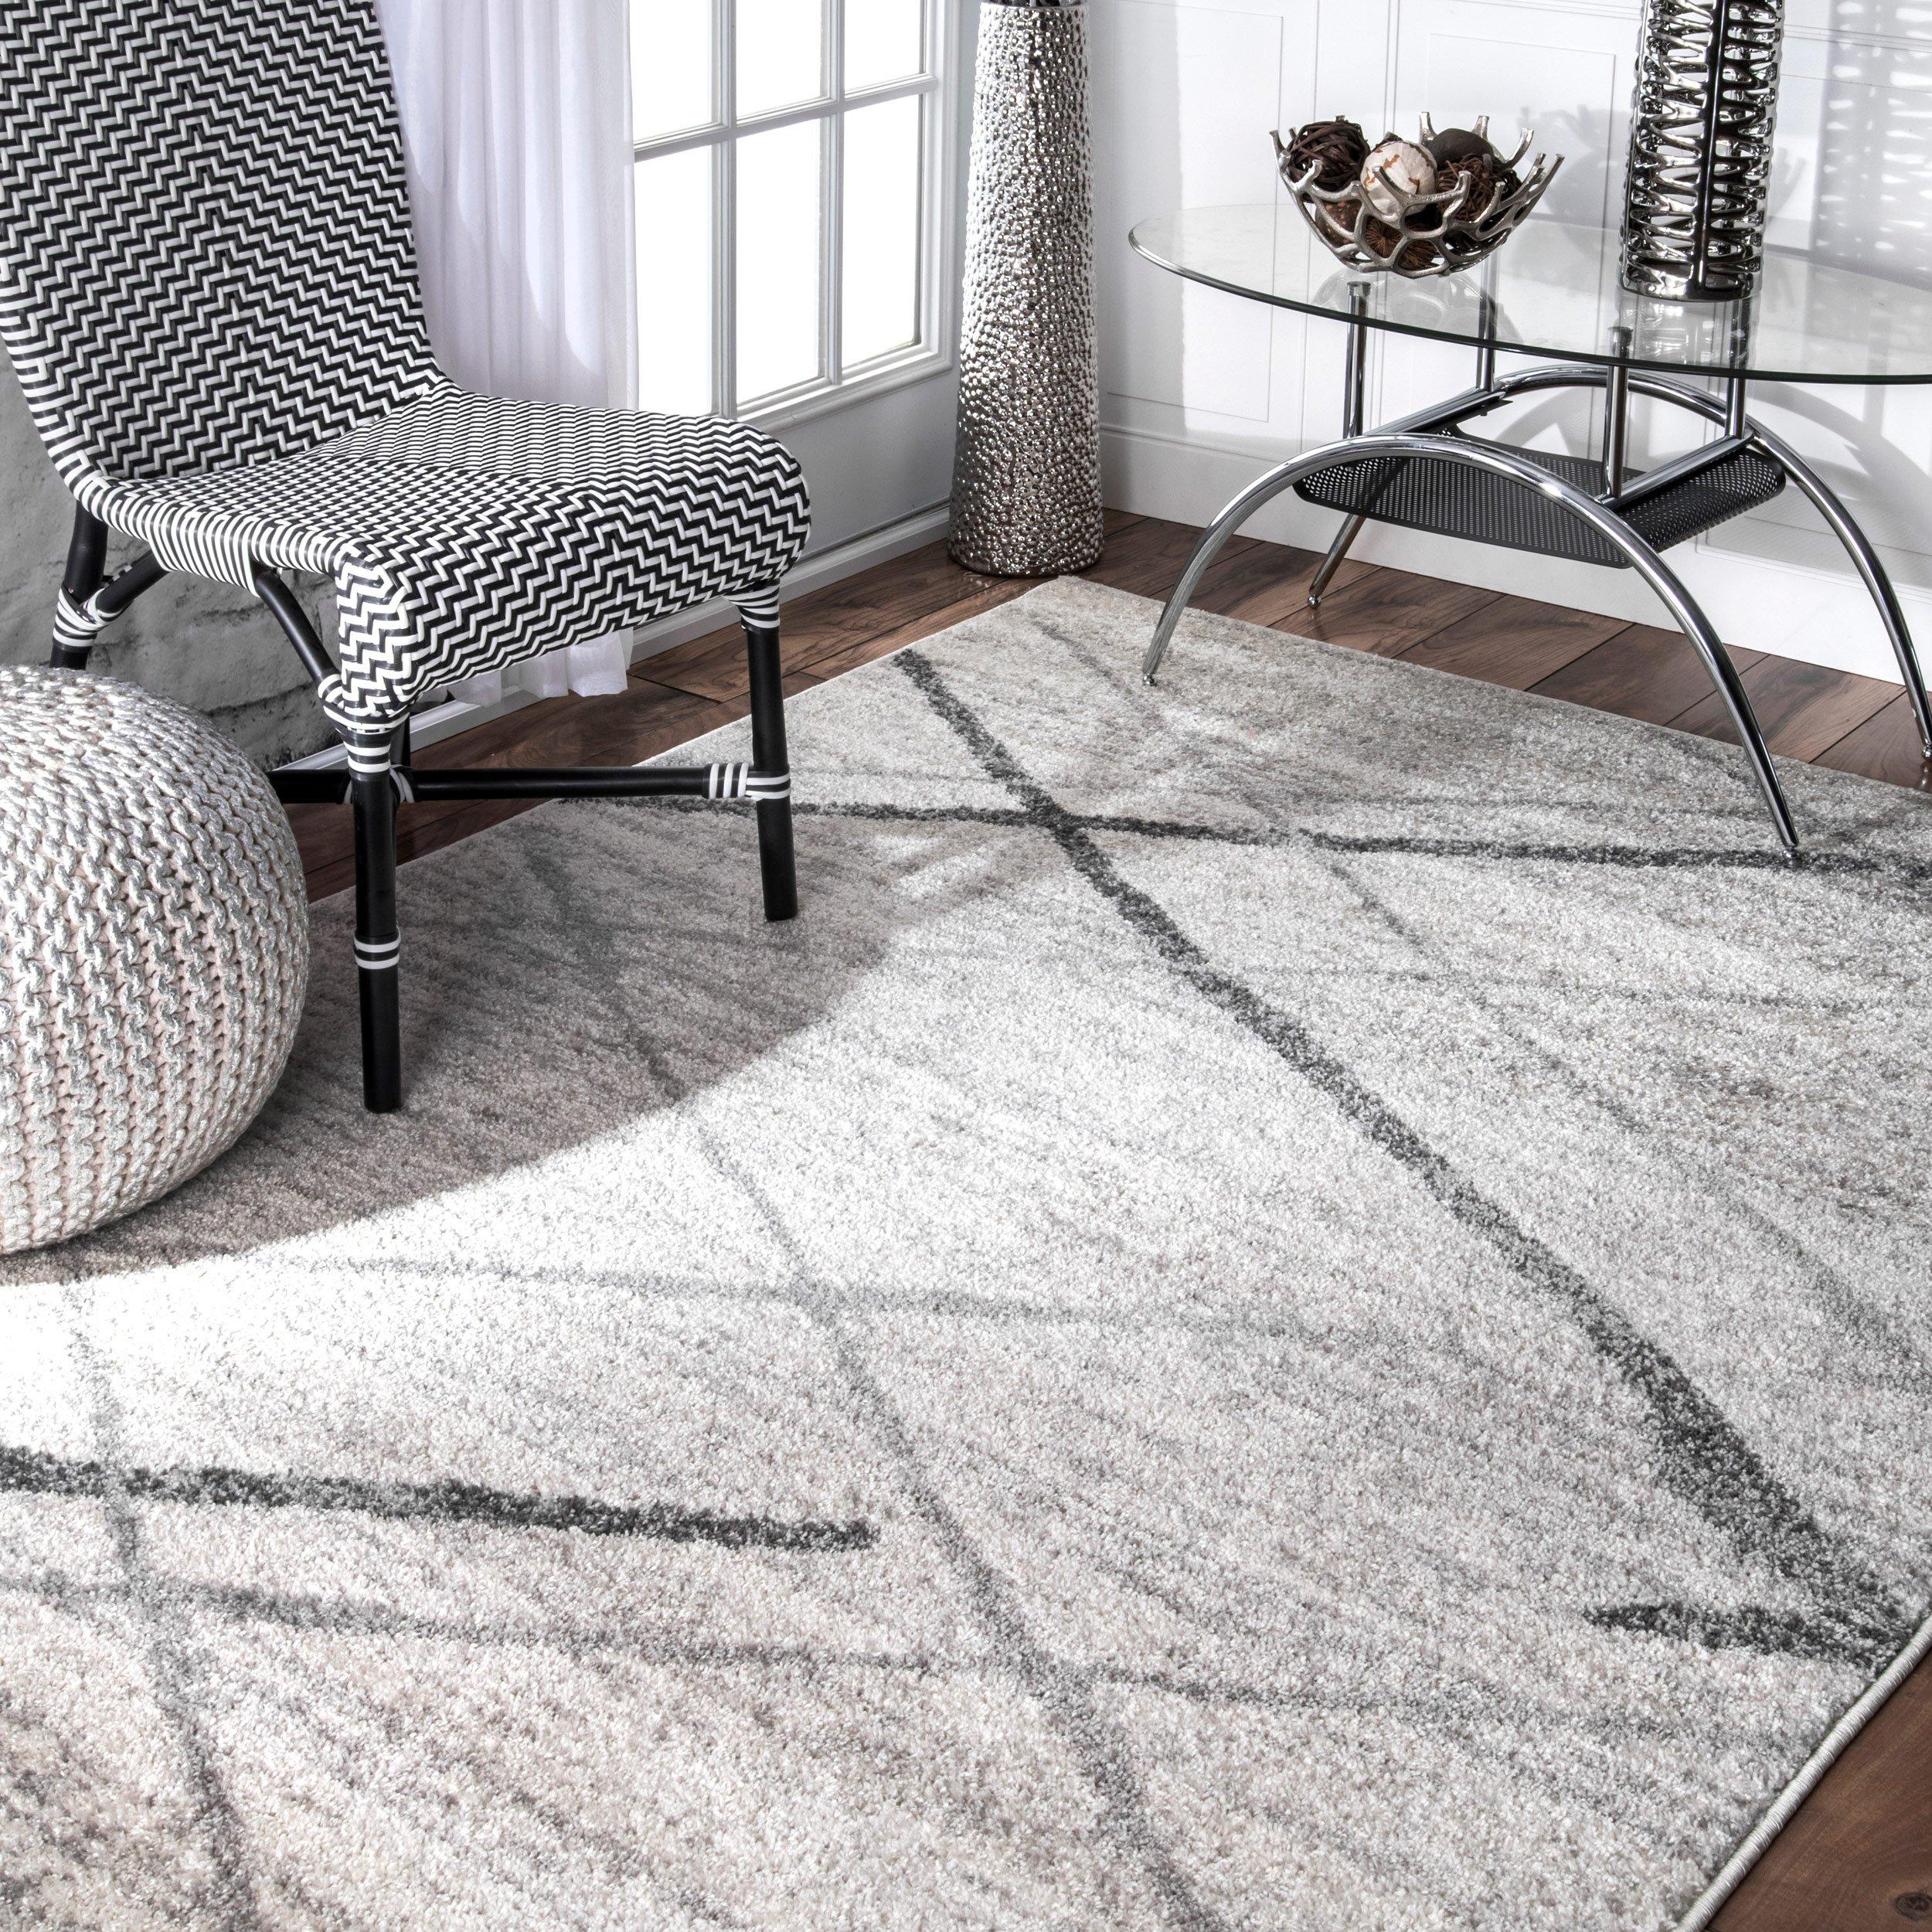 nuLOOM Contemporary Thigpen Area Rug, 5' x 8', Grey